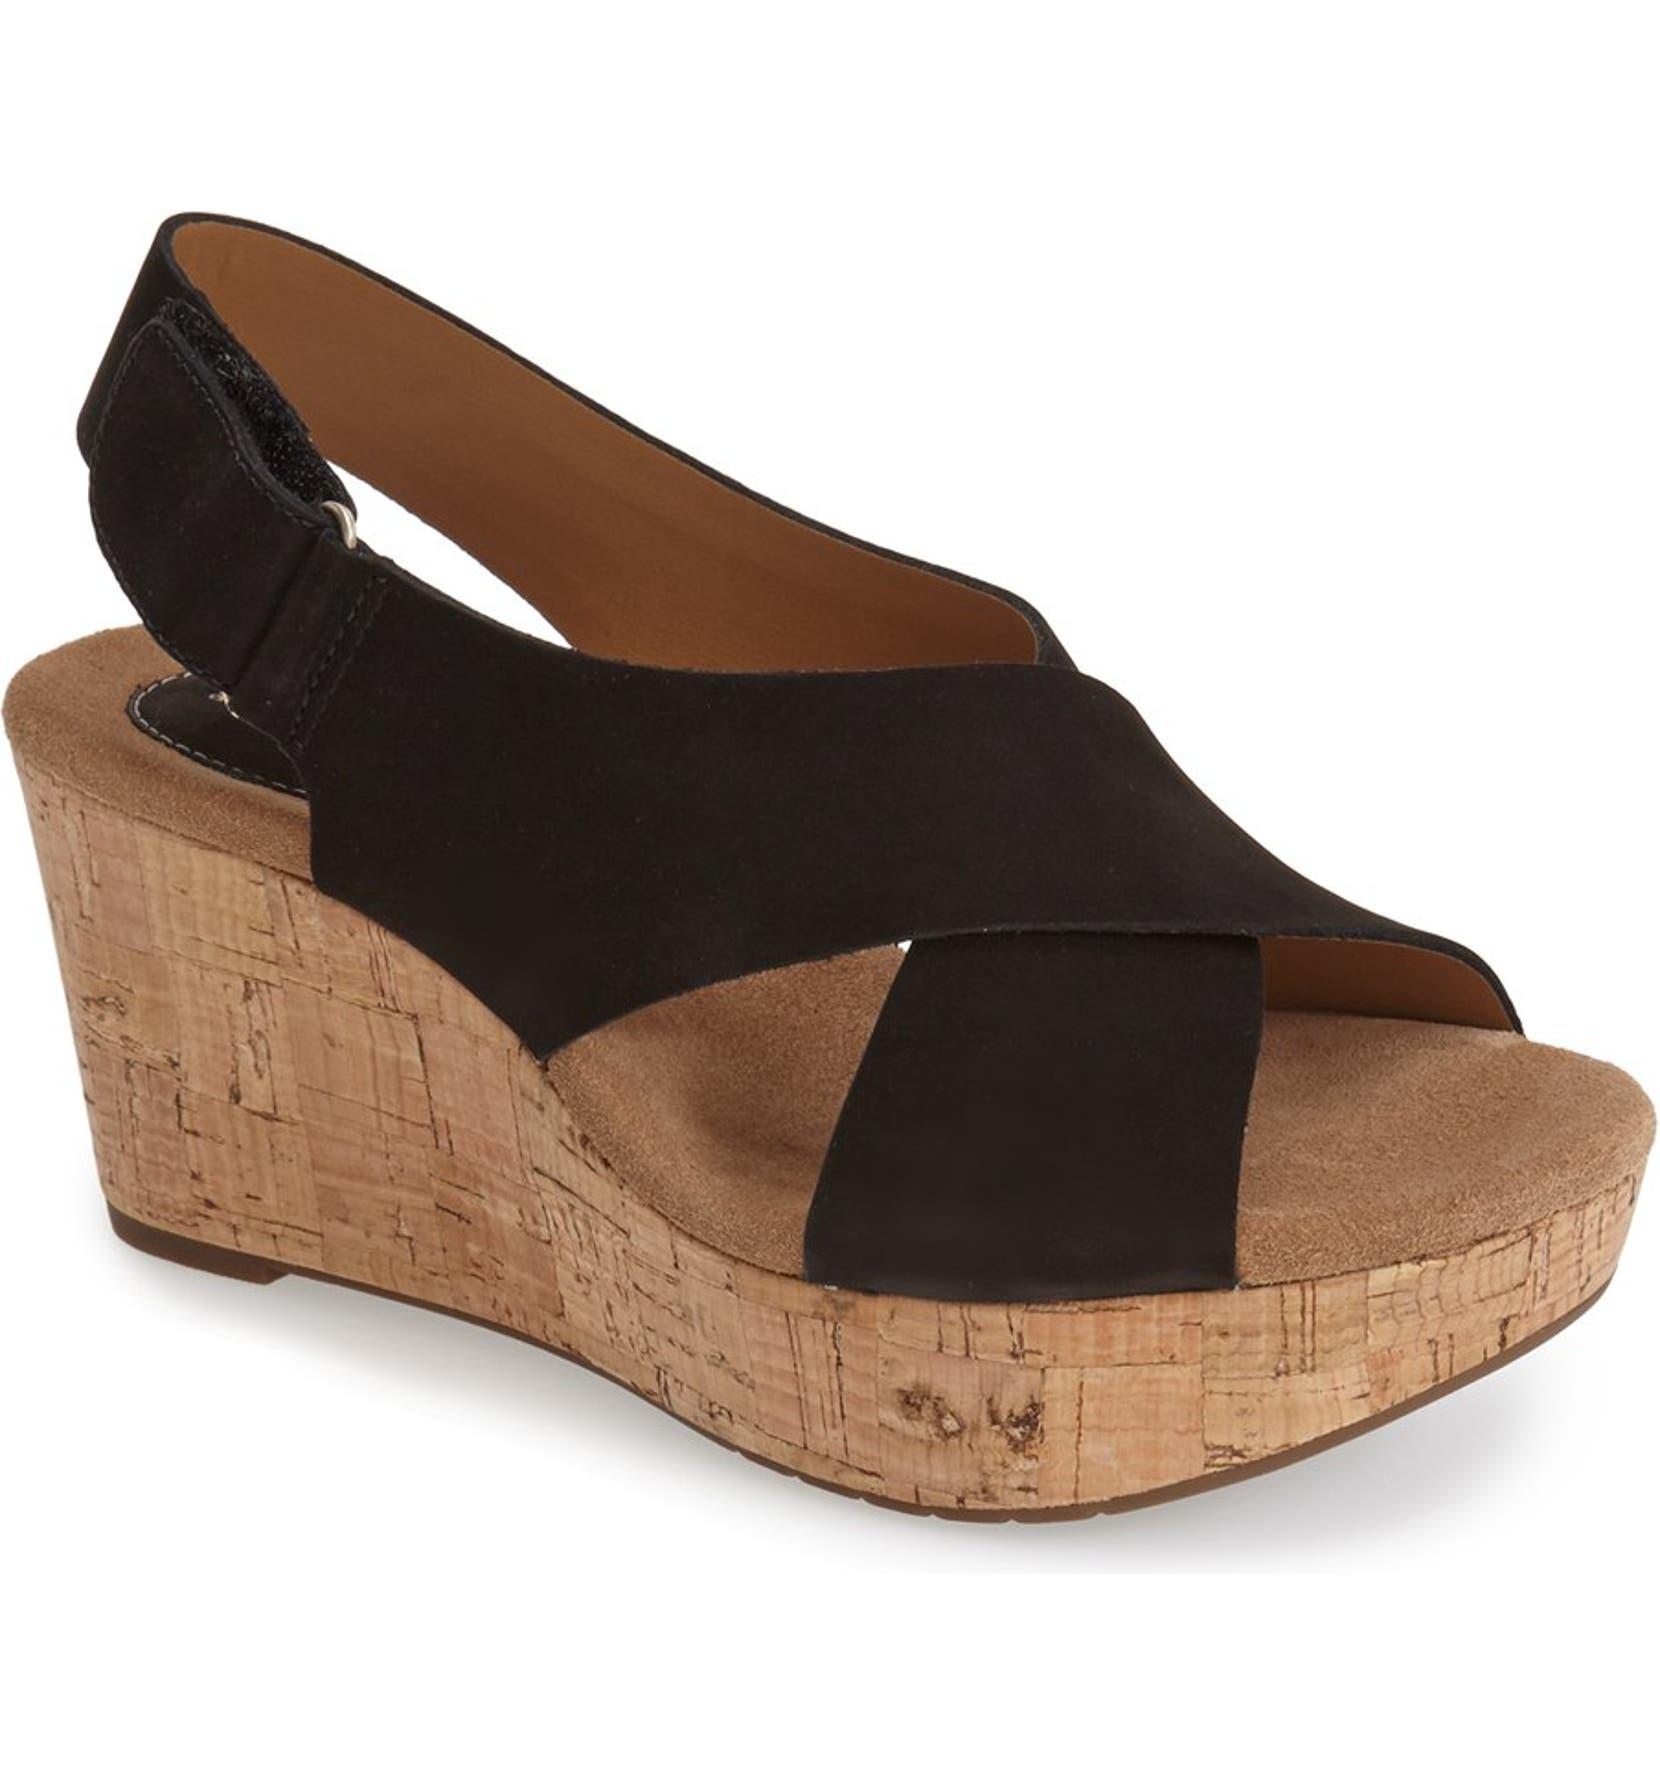 02a3f26b5a Clarks® 'Caslynn Shae' Wedge Sandal (Women) | Nordstrom